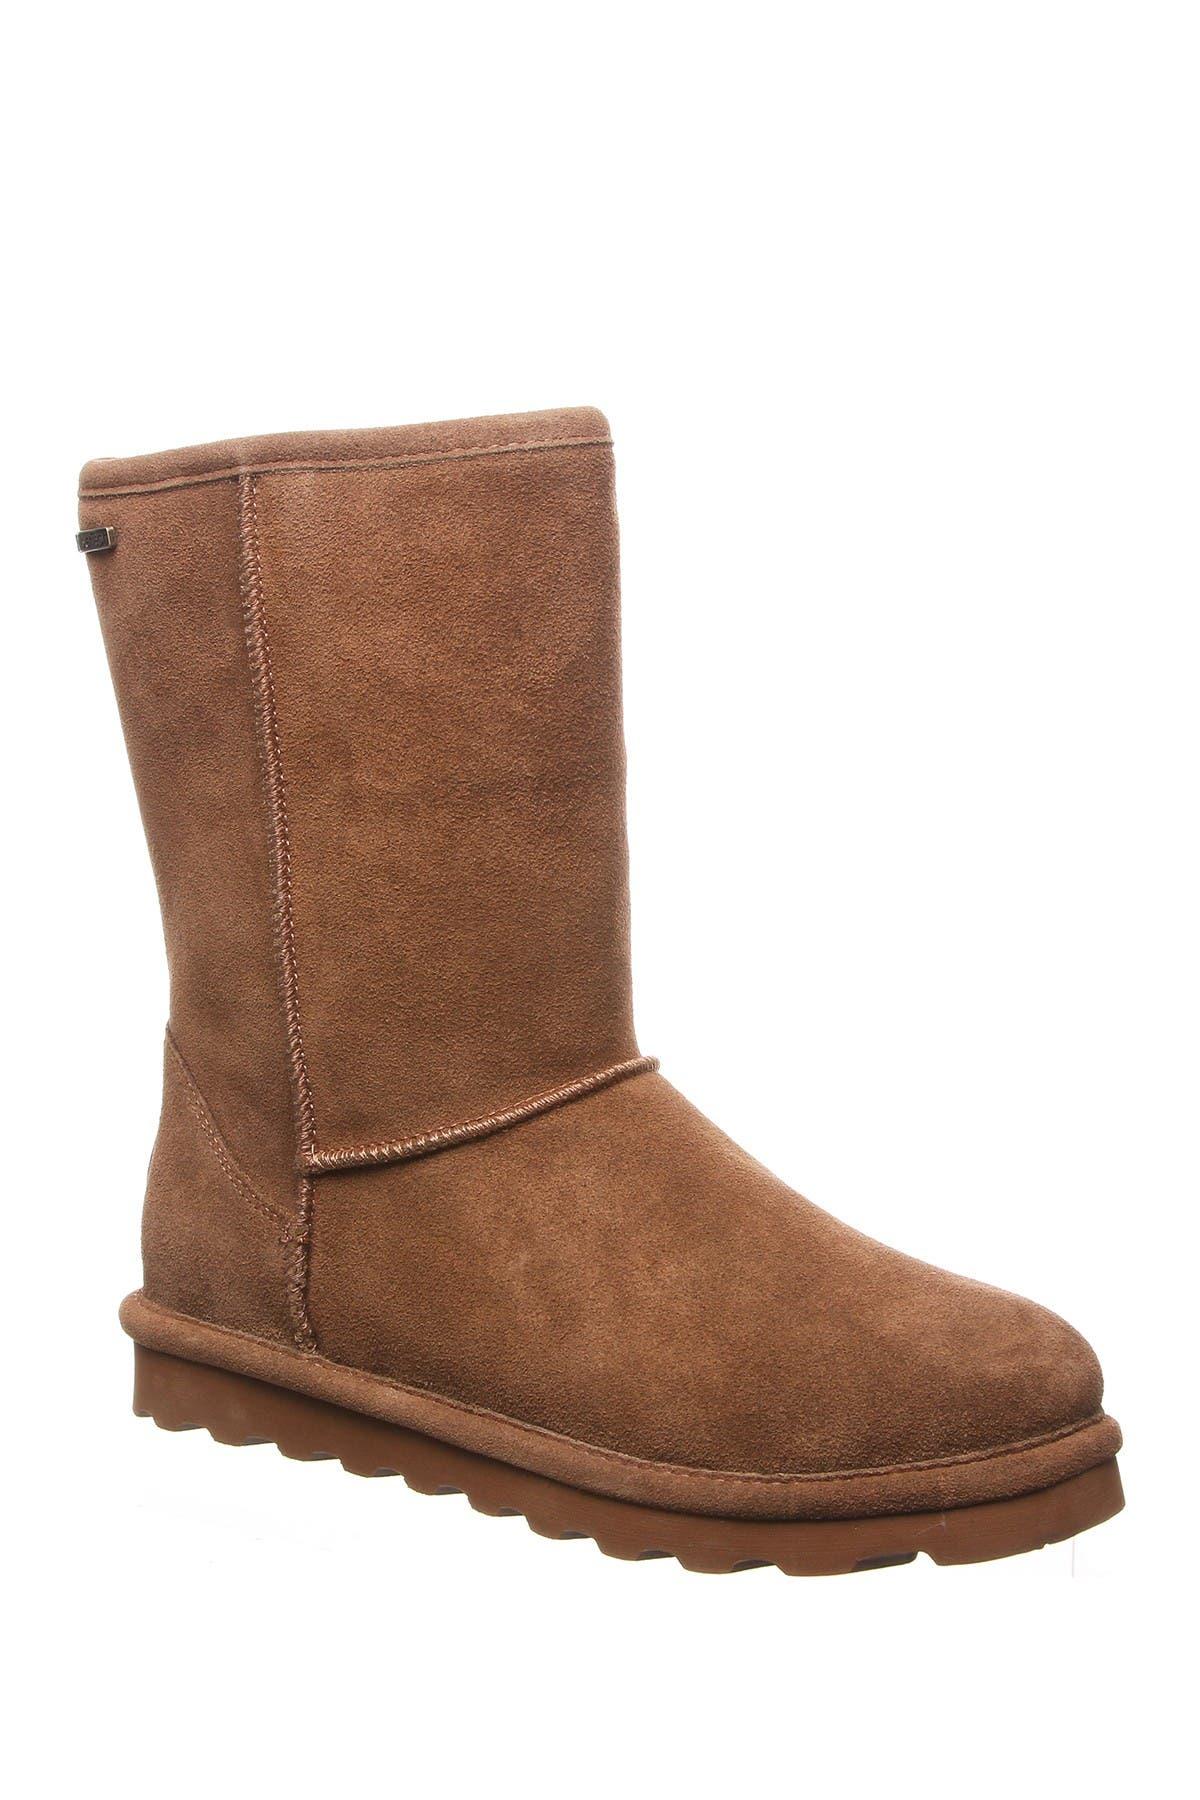 Image of BEARPAW Helen Genuine Sheepskin & Wool Lined Suede Boot